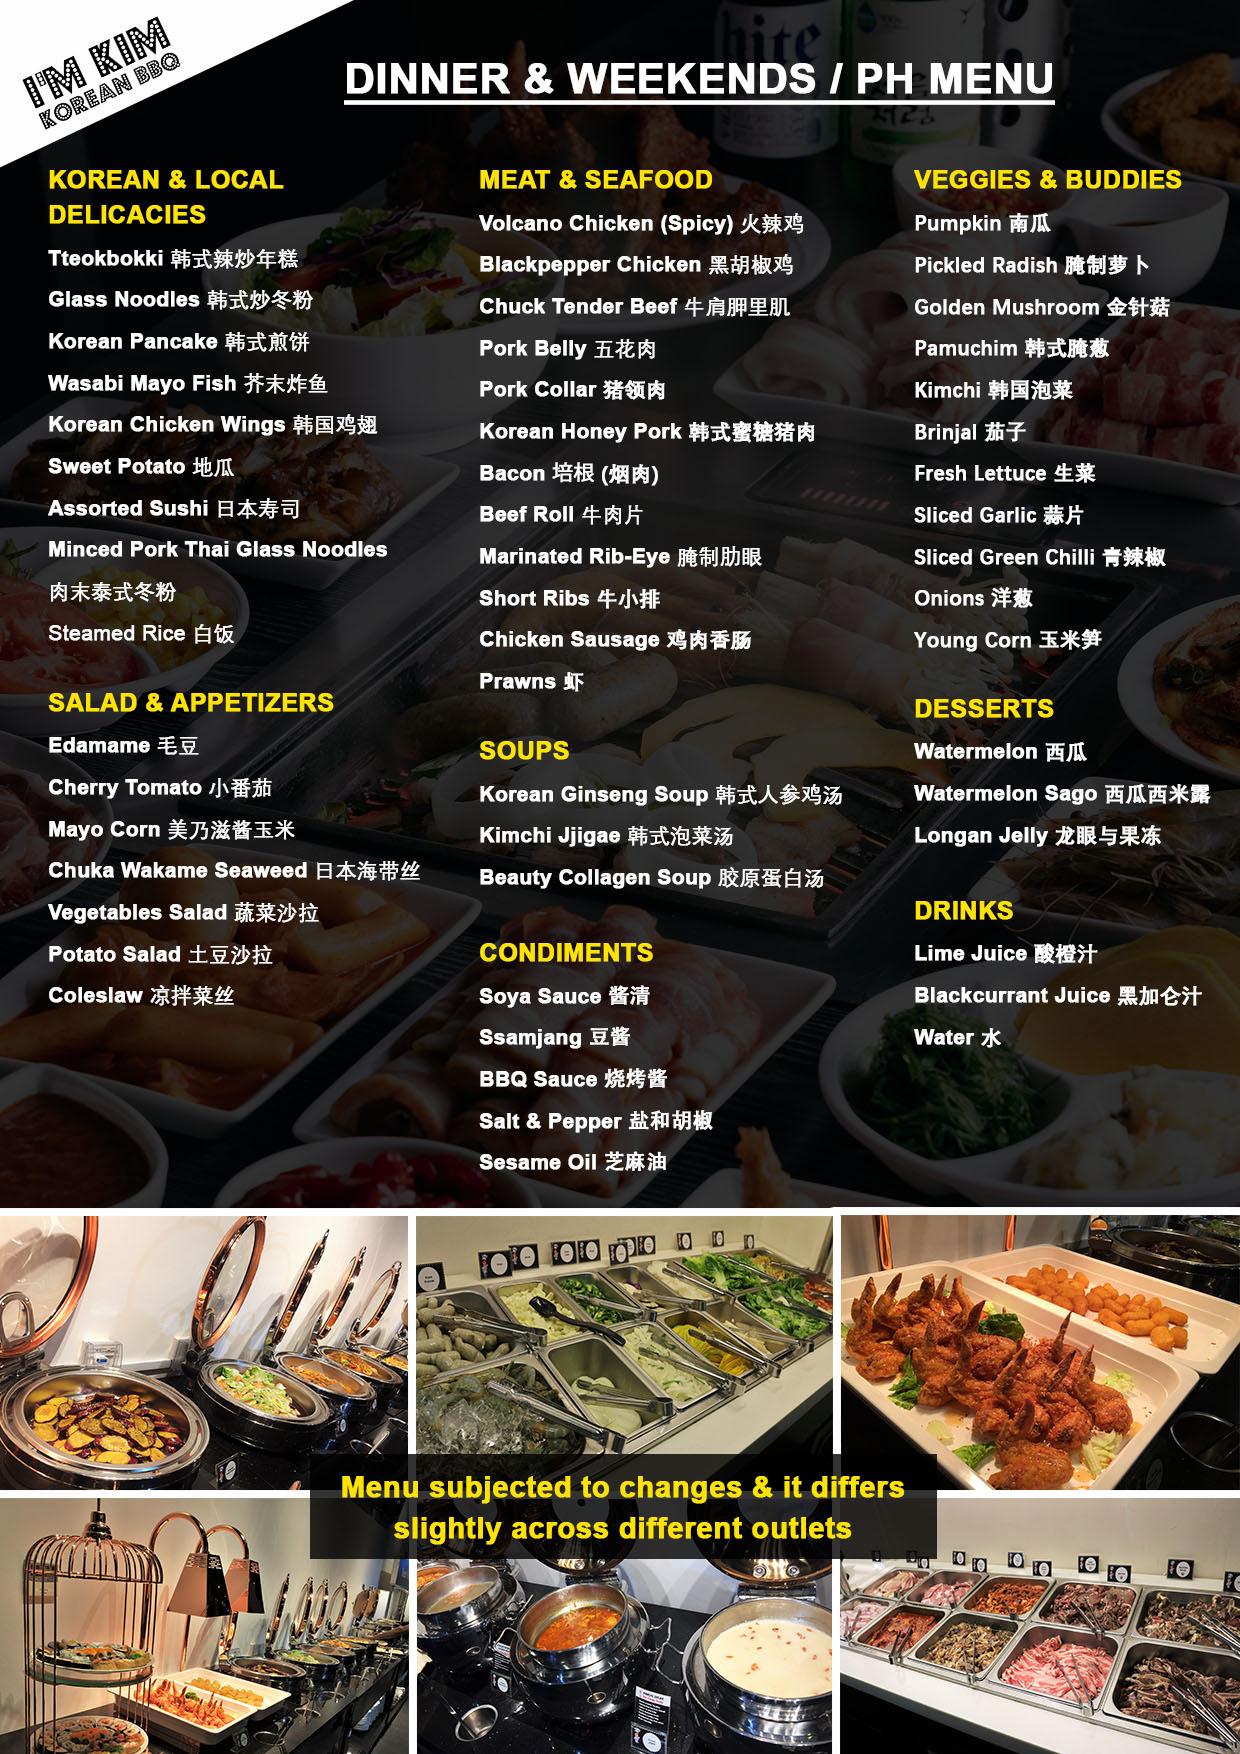 Buffet Menu 2021 (SOTA Dinner & Weekends)